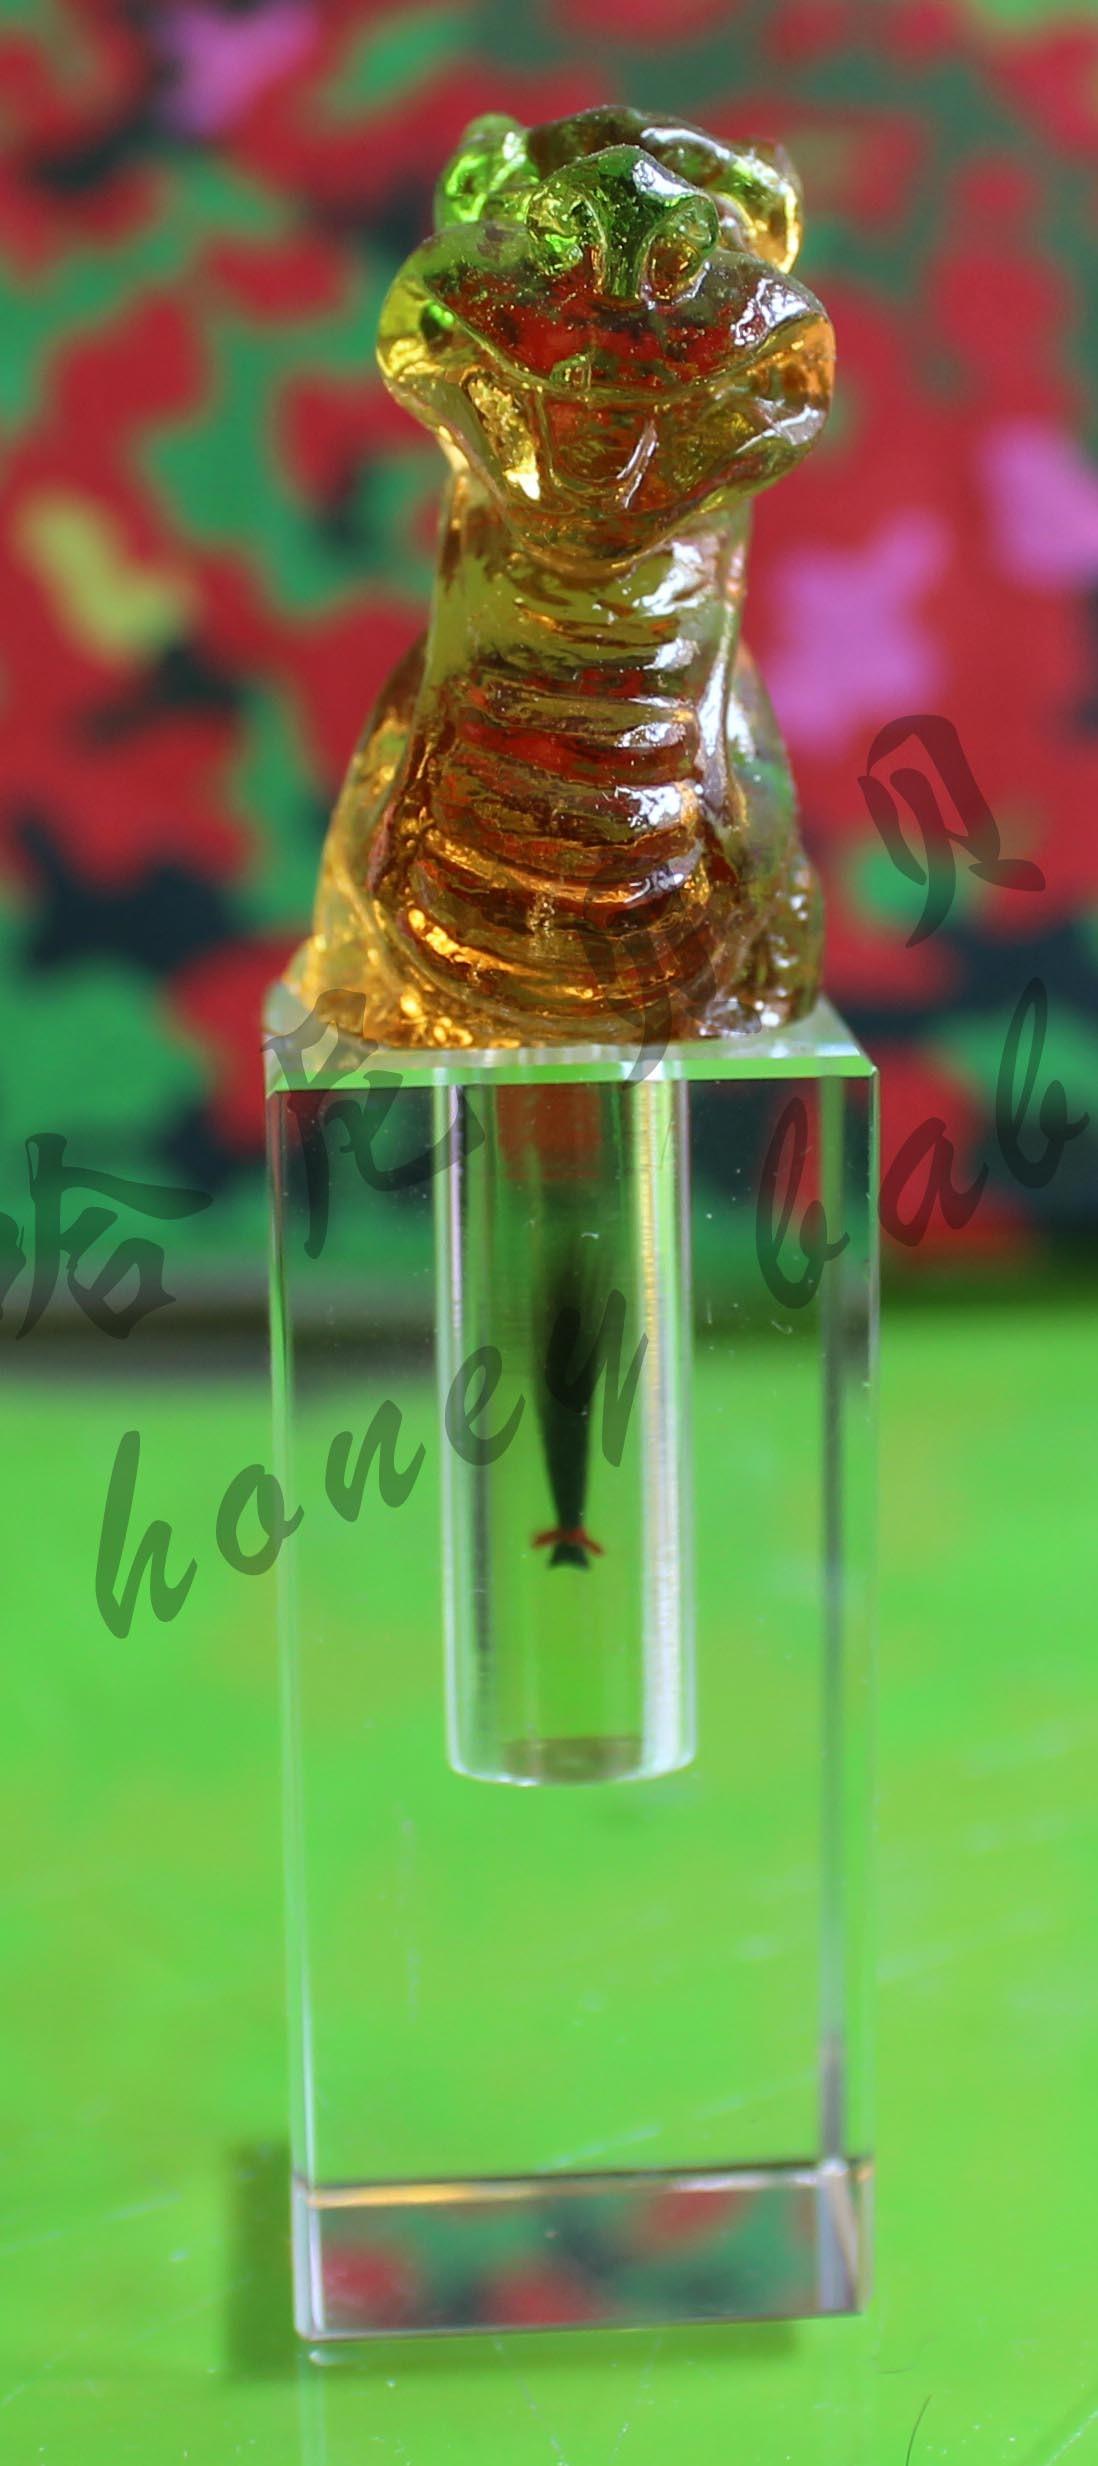 Детский локон в стекле 青岛厂家制作*胎毛脐带章*飞龙章a款